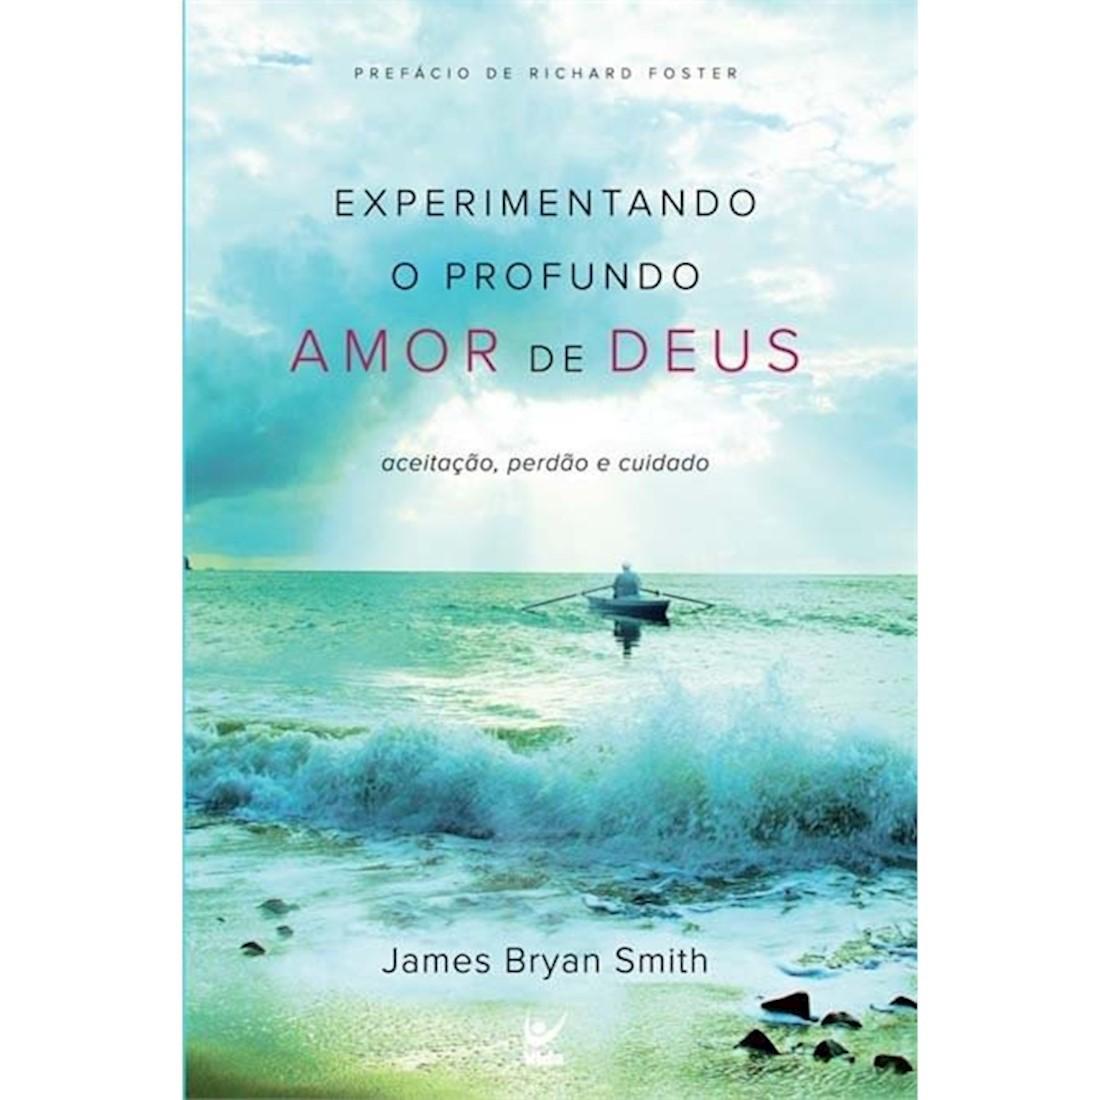 Livro Experimentando o Profundo Amor de Deus